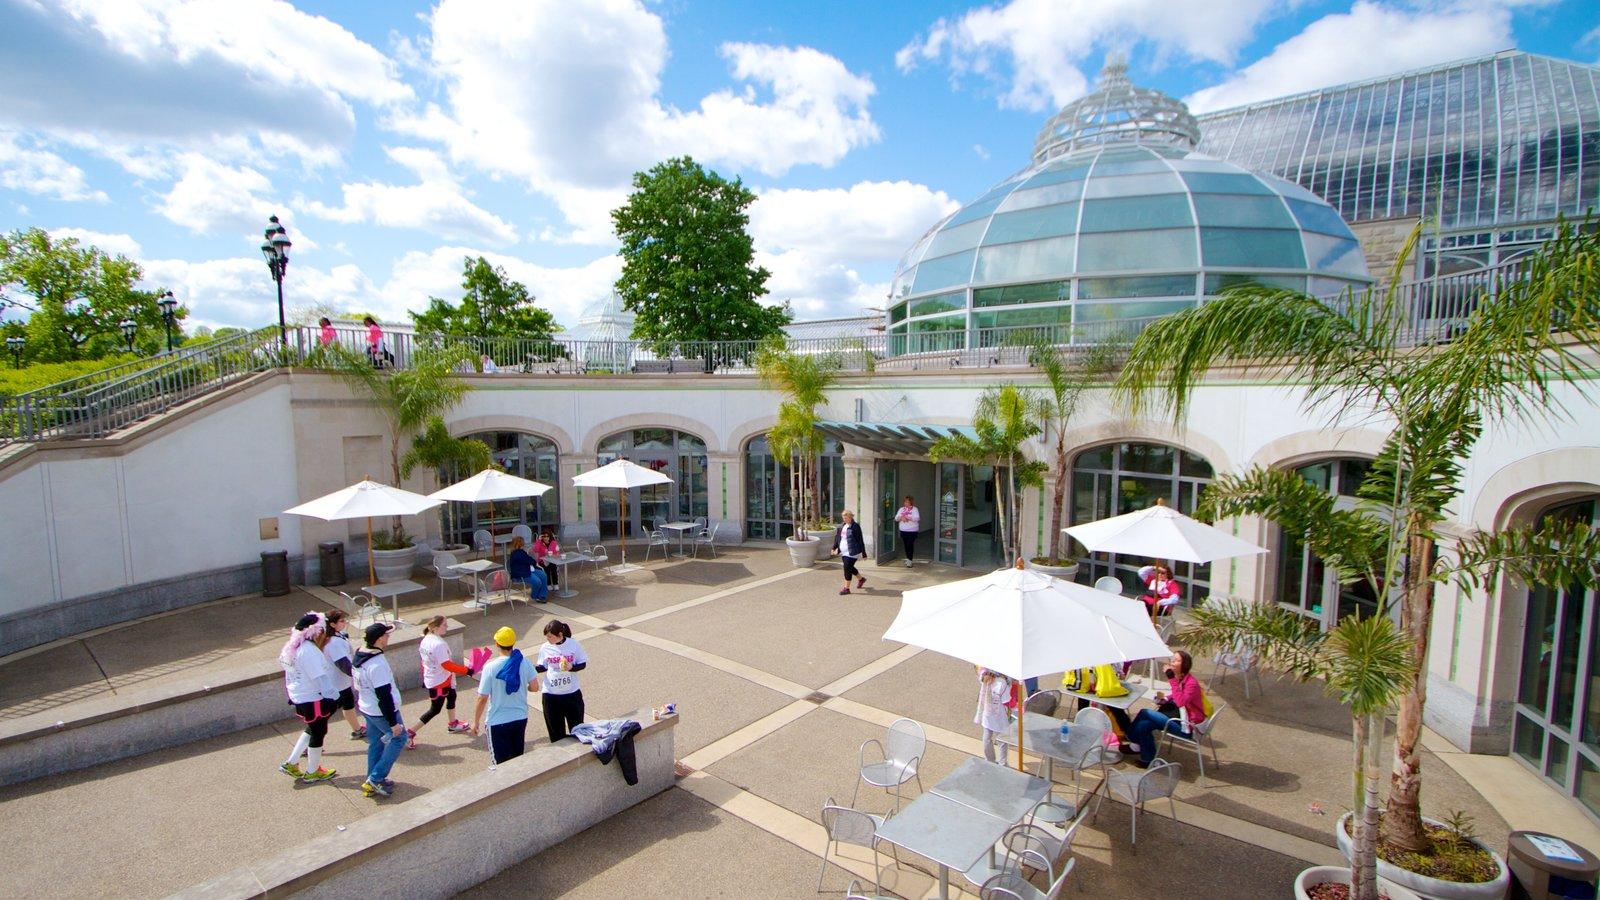 Phipps Conservatory mostrando uma praça ou plaza e arquitetura moderna